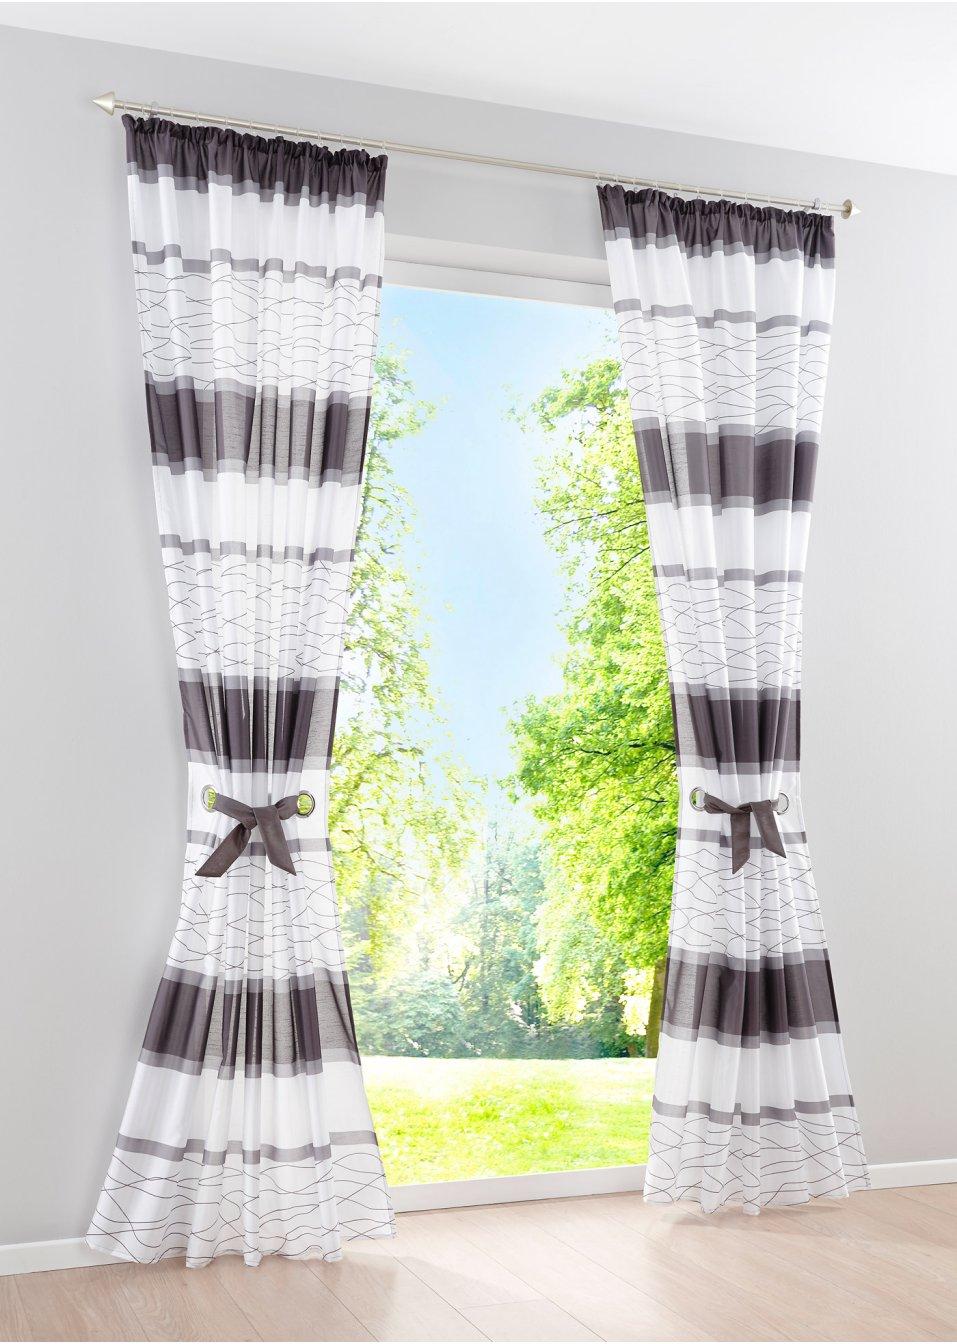 vorhang maira 1er pack grau bpc living online kaufen. Black Bedroom Furniture Sets. Home Design Ideas